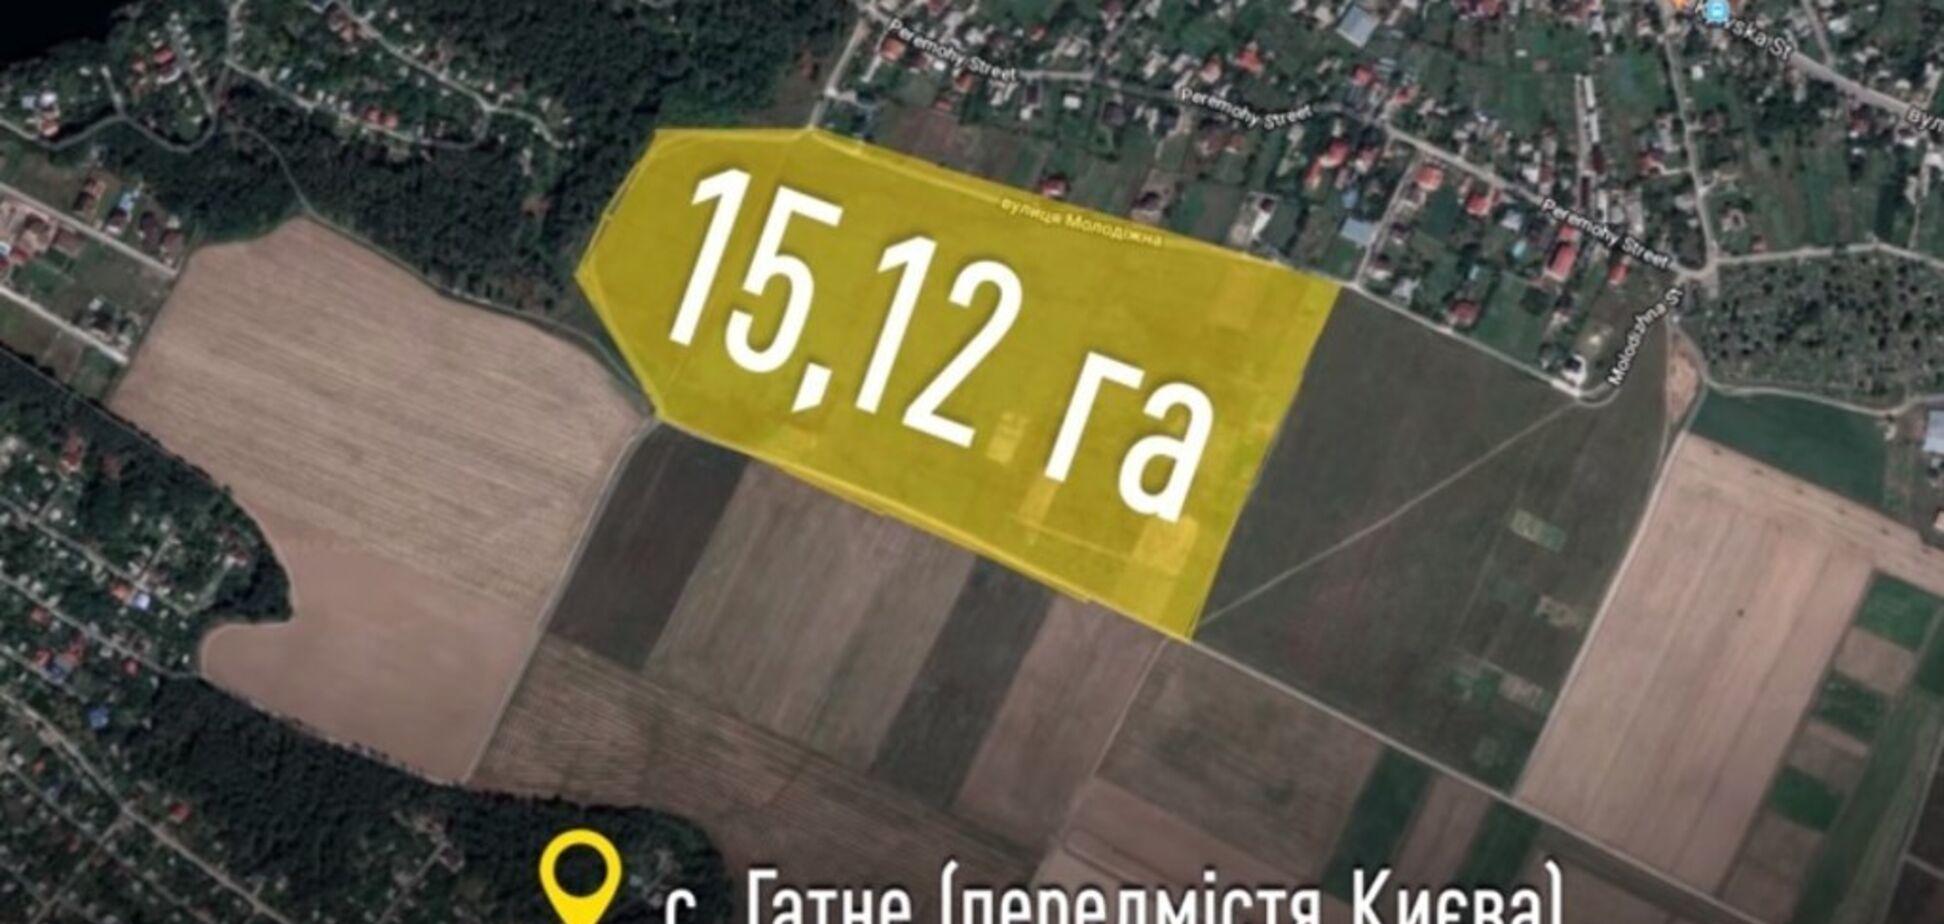 Хищение земли под Киевом полковником СБУ: суд принял неожиданное решение